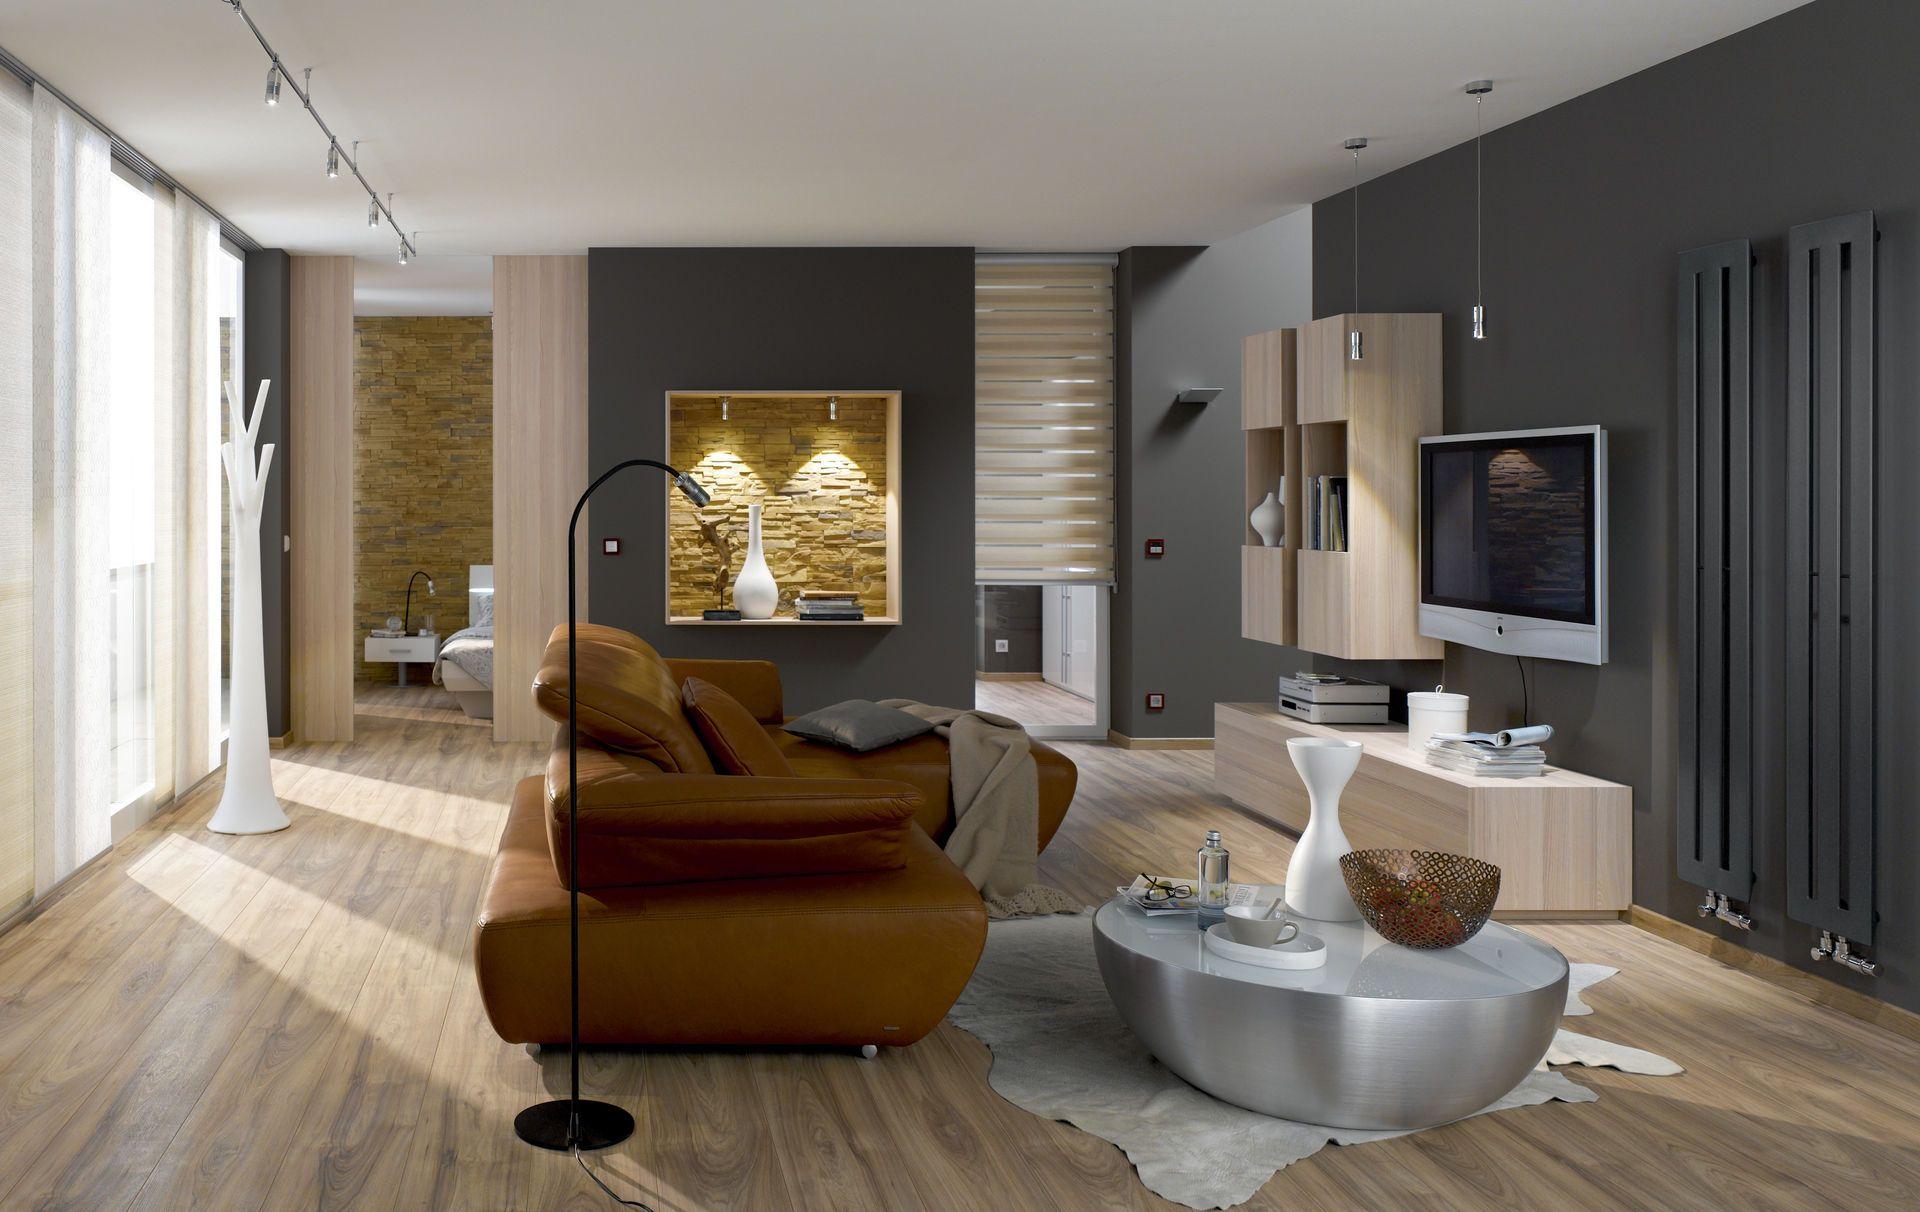 Wohnzimmer - einrichten und wohlfühlen - bauemotion.de